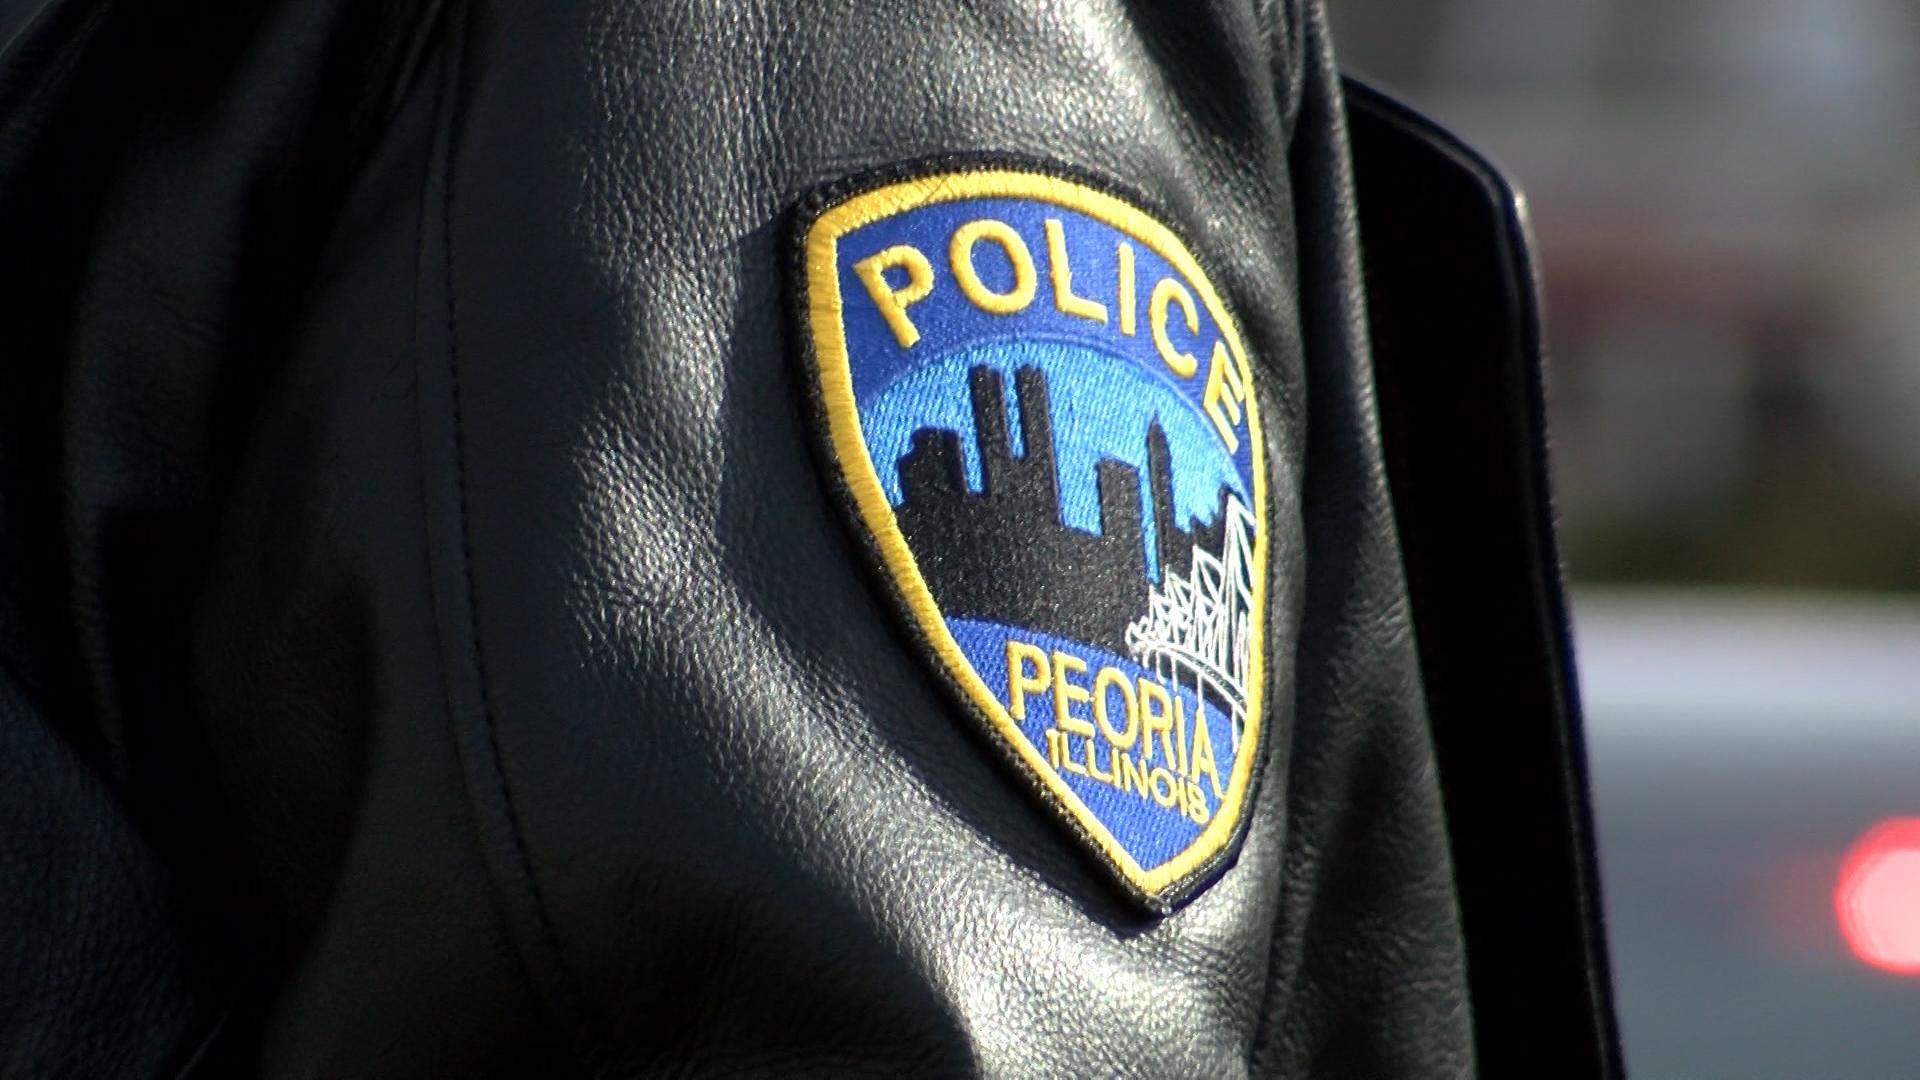 Peoria Police Badge_1550096014118.jpg.jpg